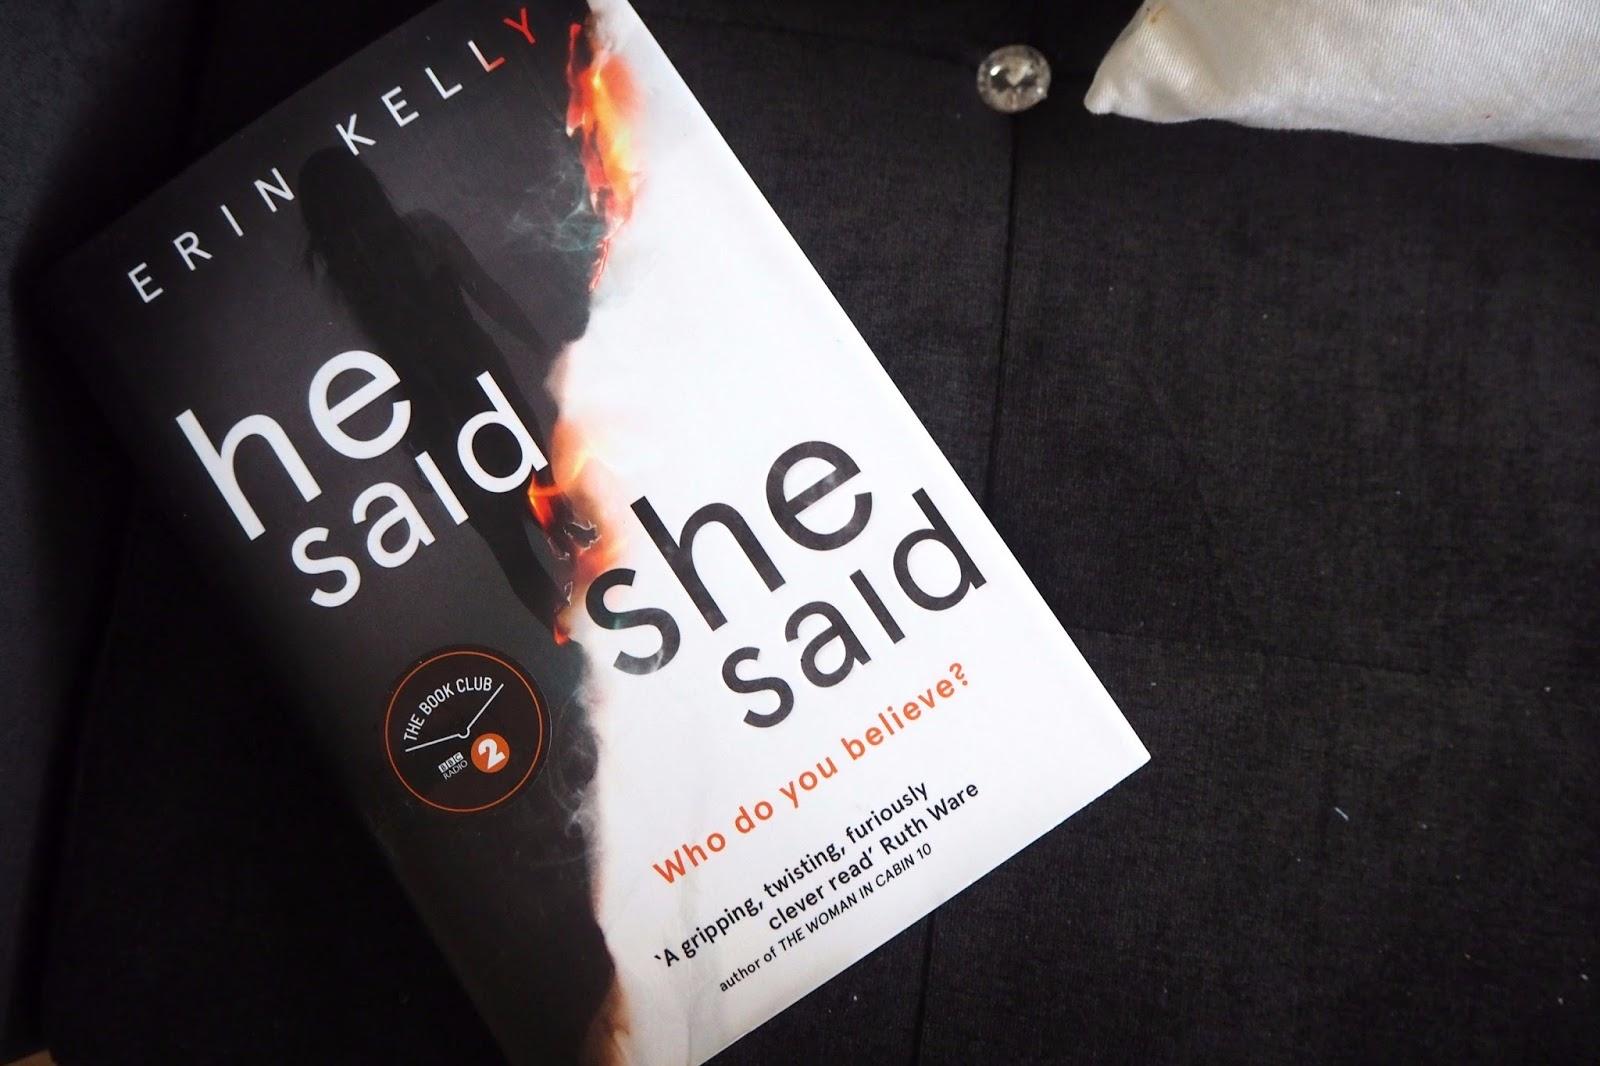 He Said, She Said Book